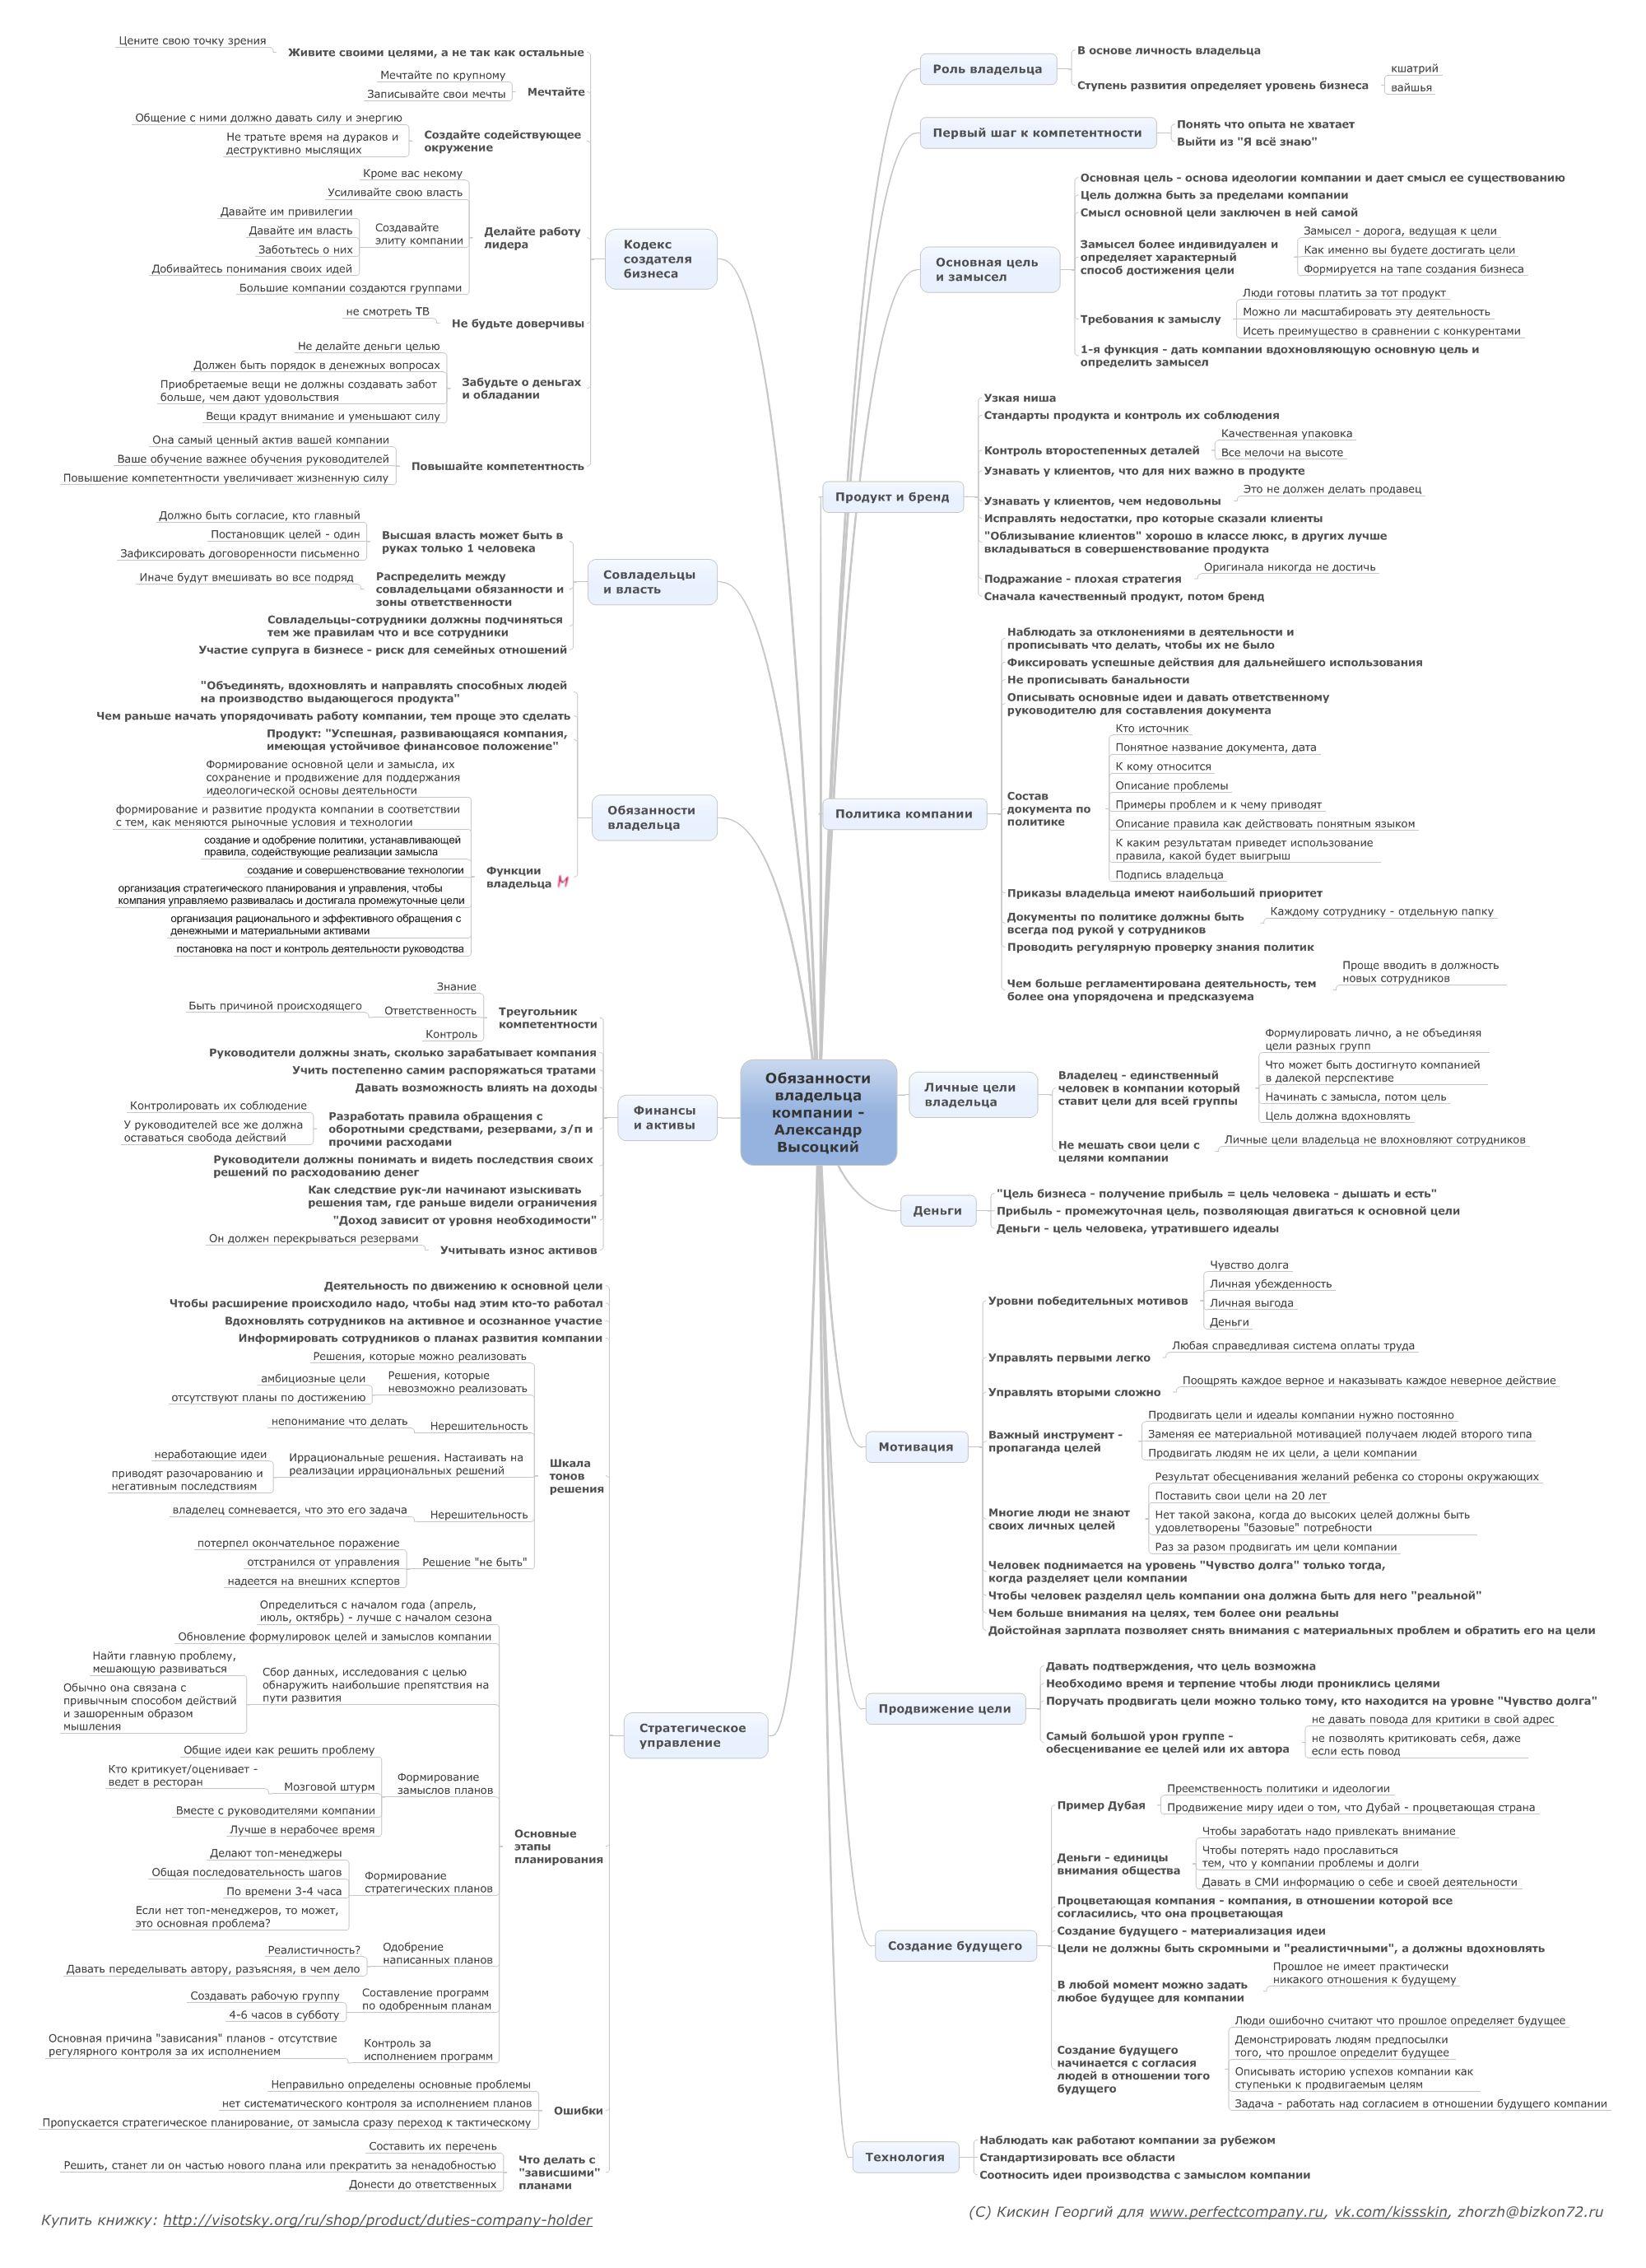 Обязанности владельца компании - Александр Высоцкий